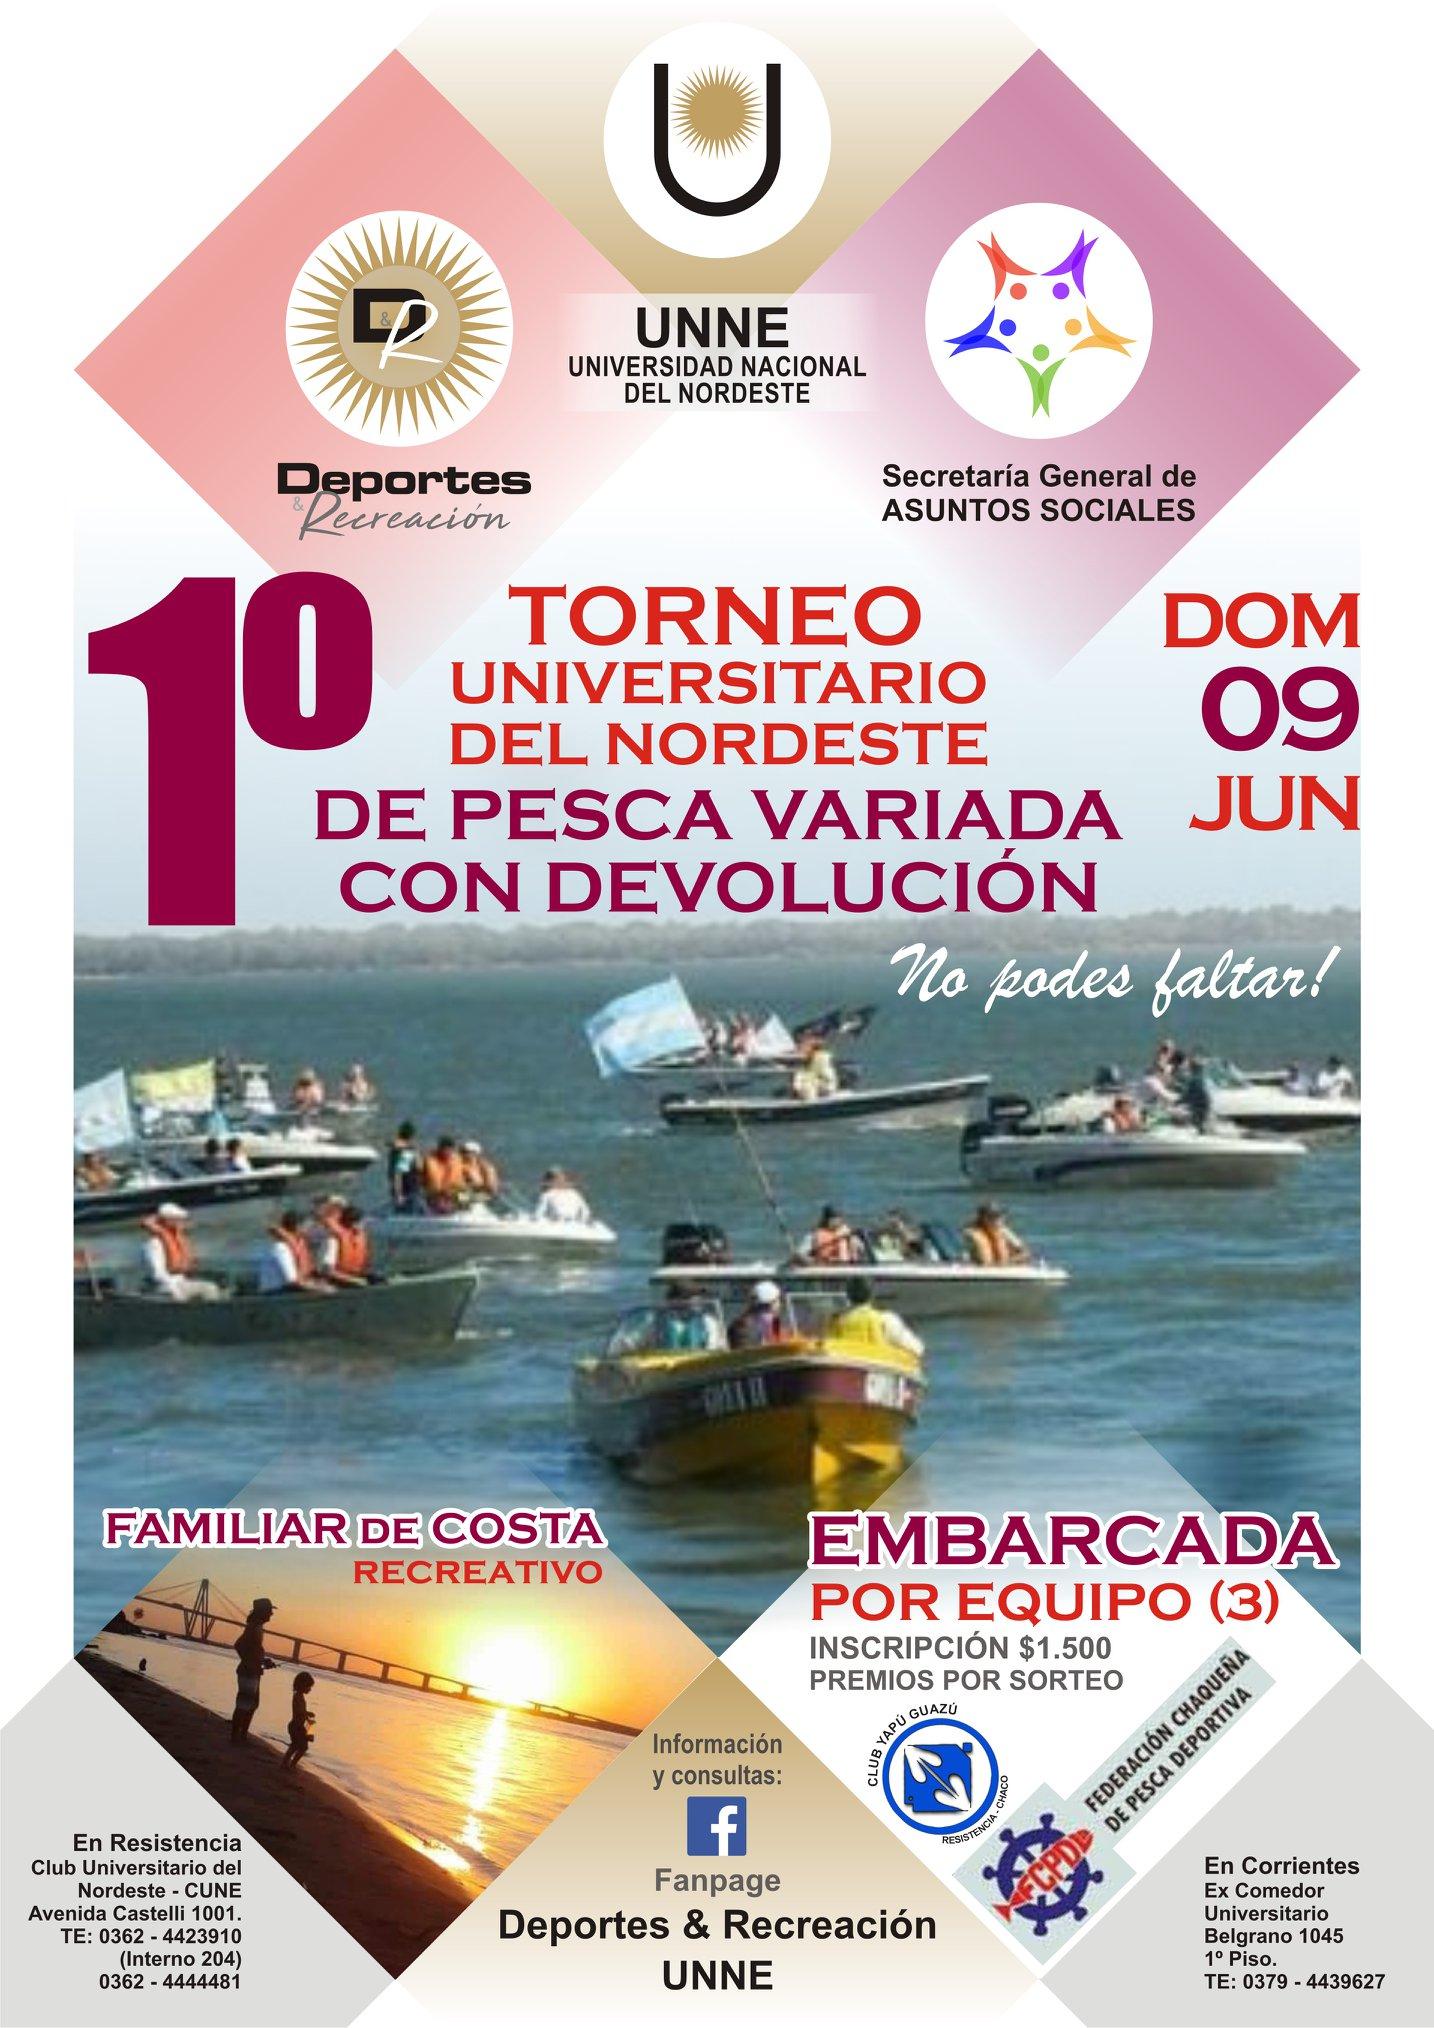 La UNNE lanza el 1º Torneo Universitario de Pesca